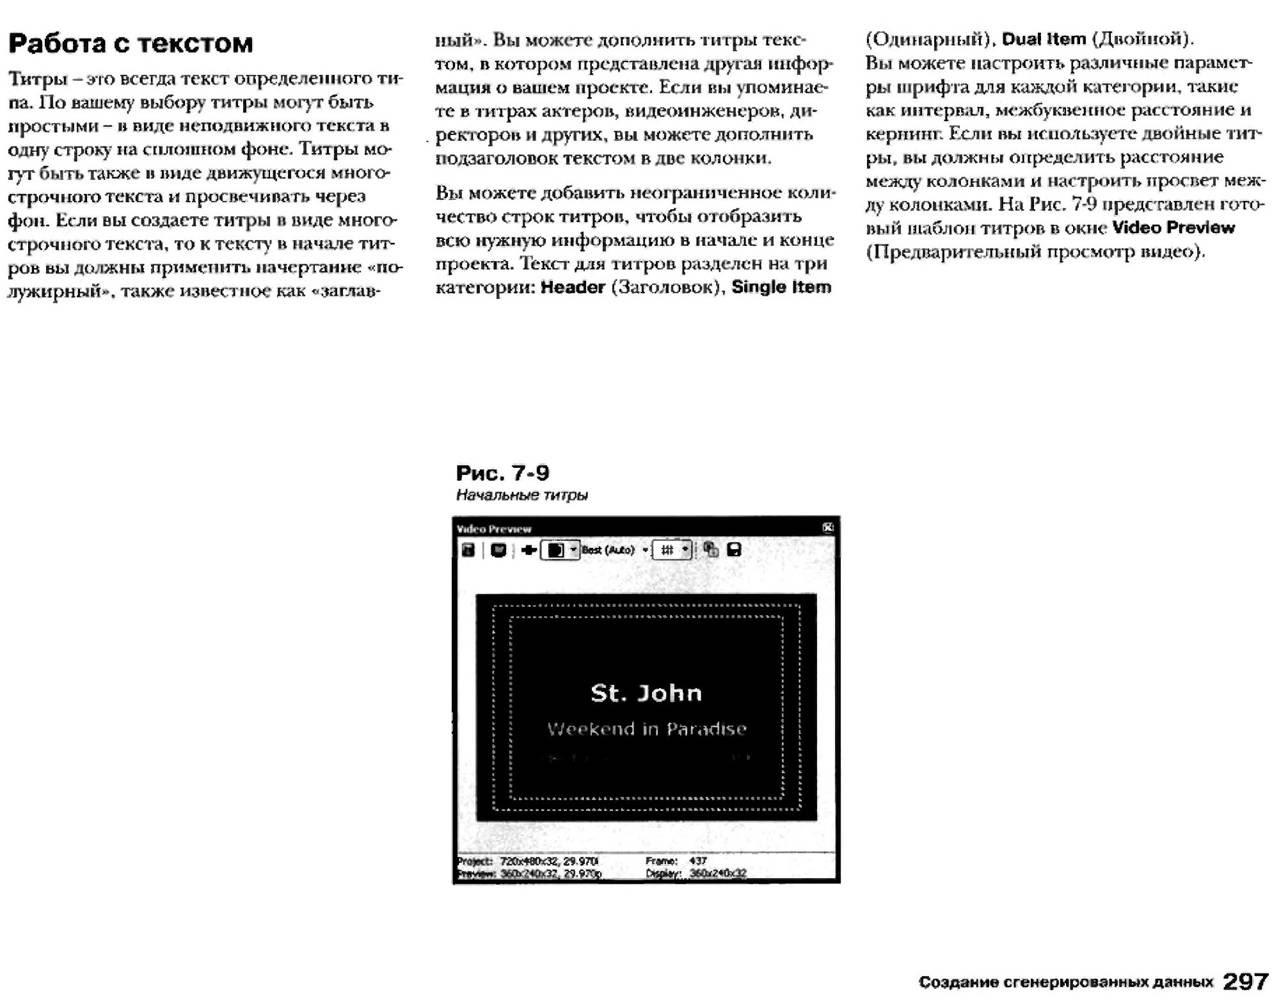 http://redaktori-uroki.3dn.ru/_ph/12/60095917.jpg